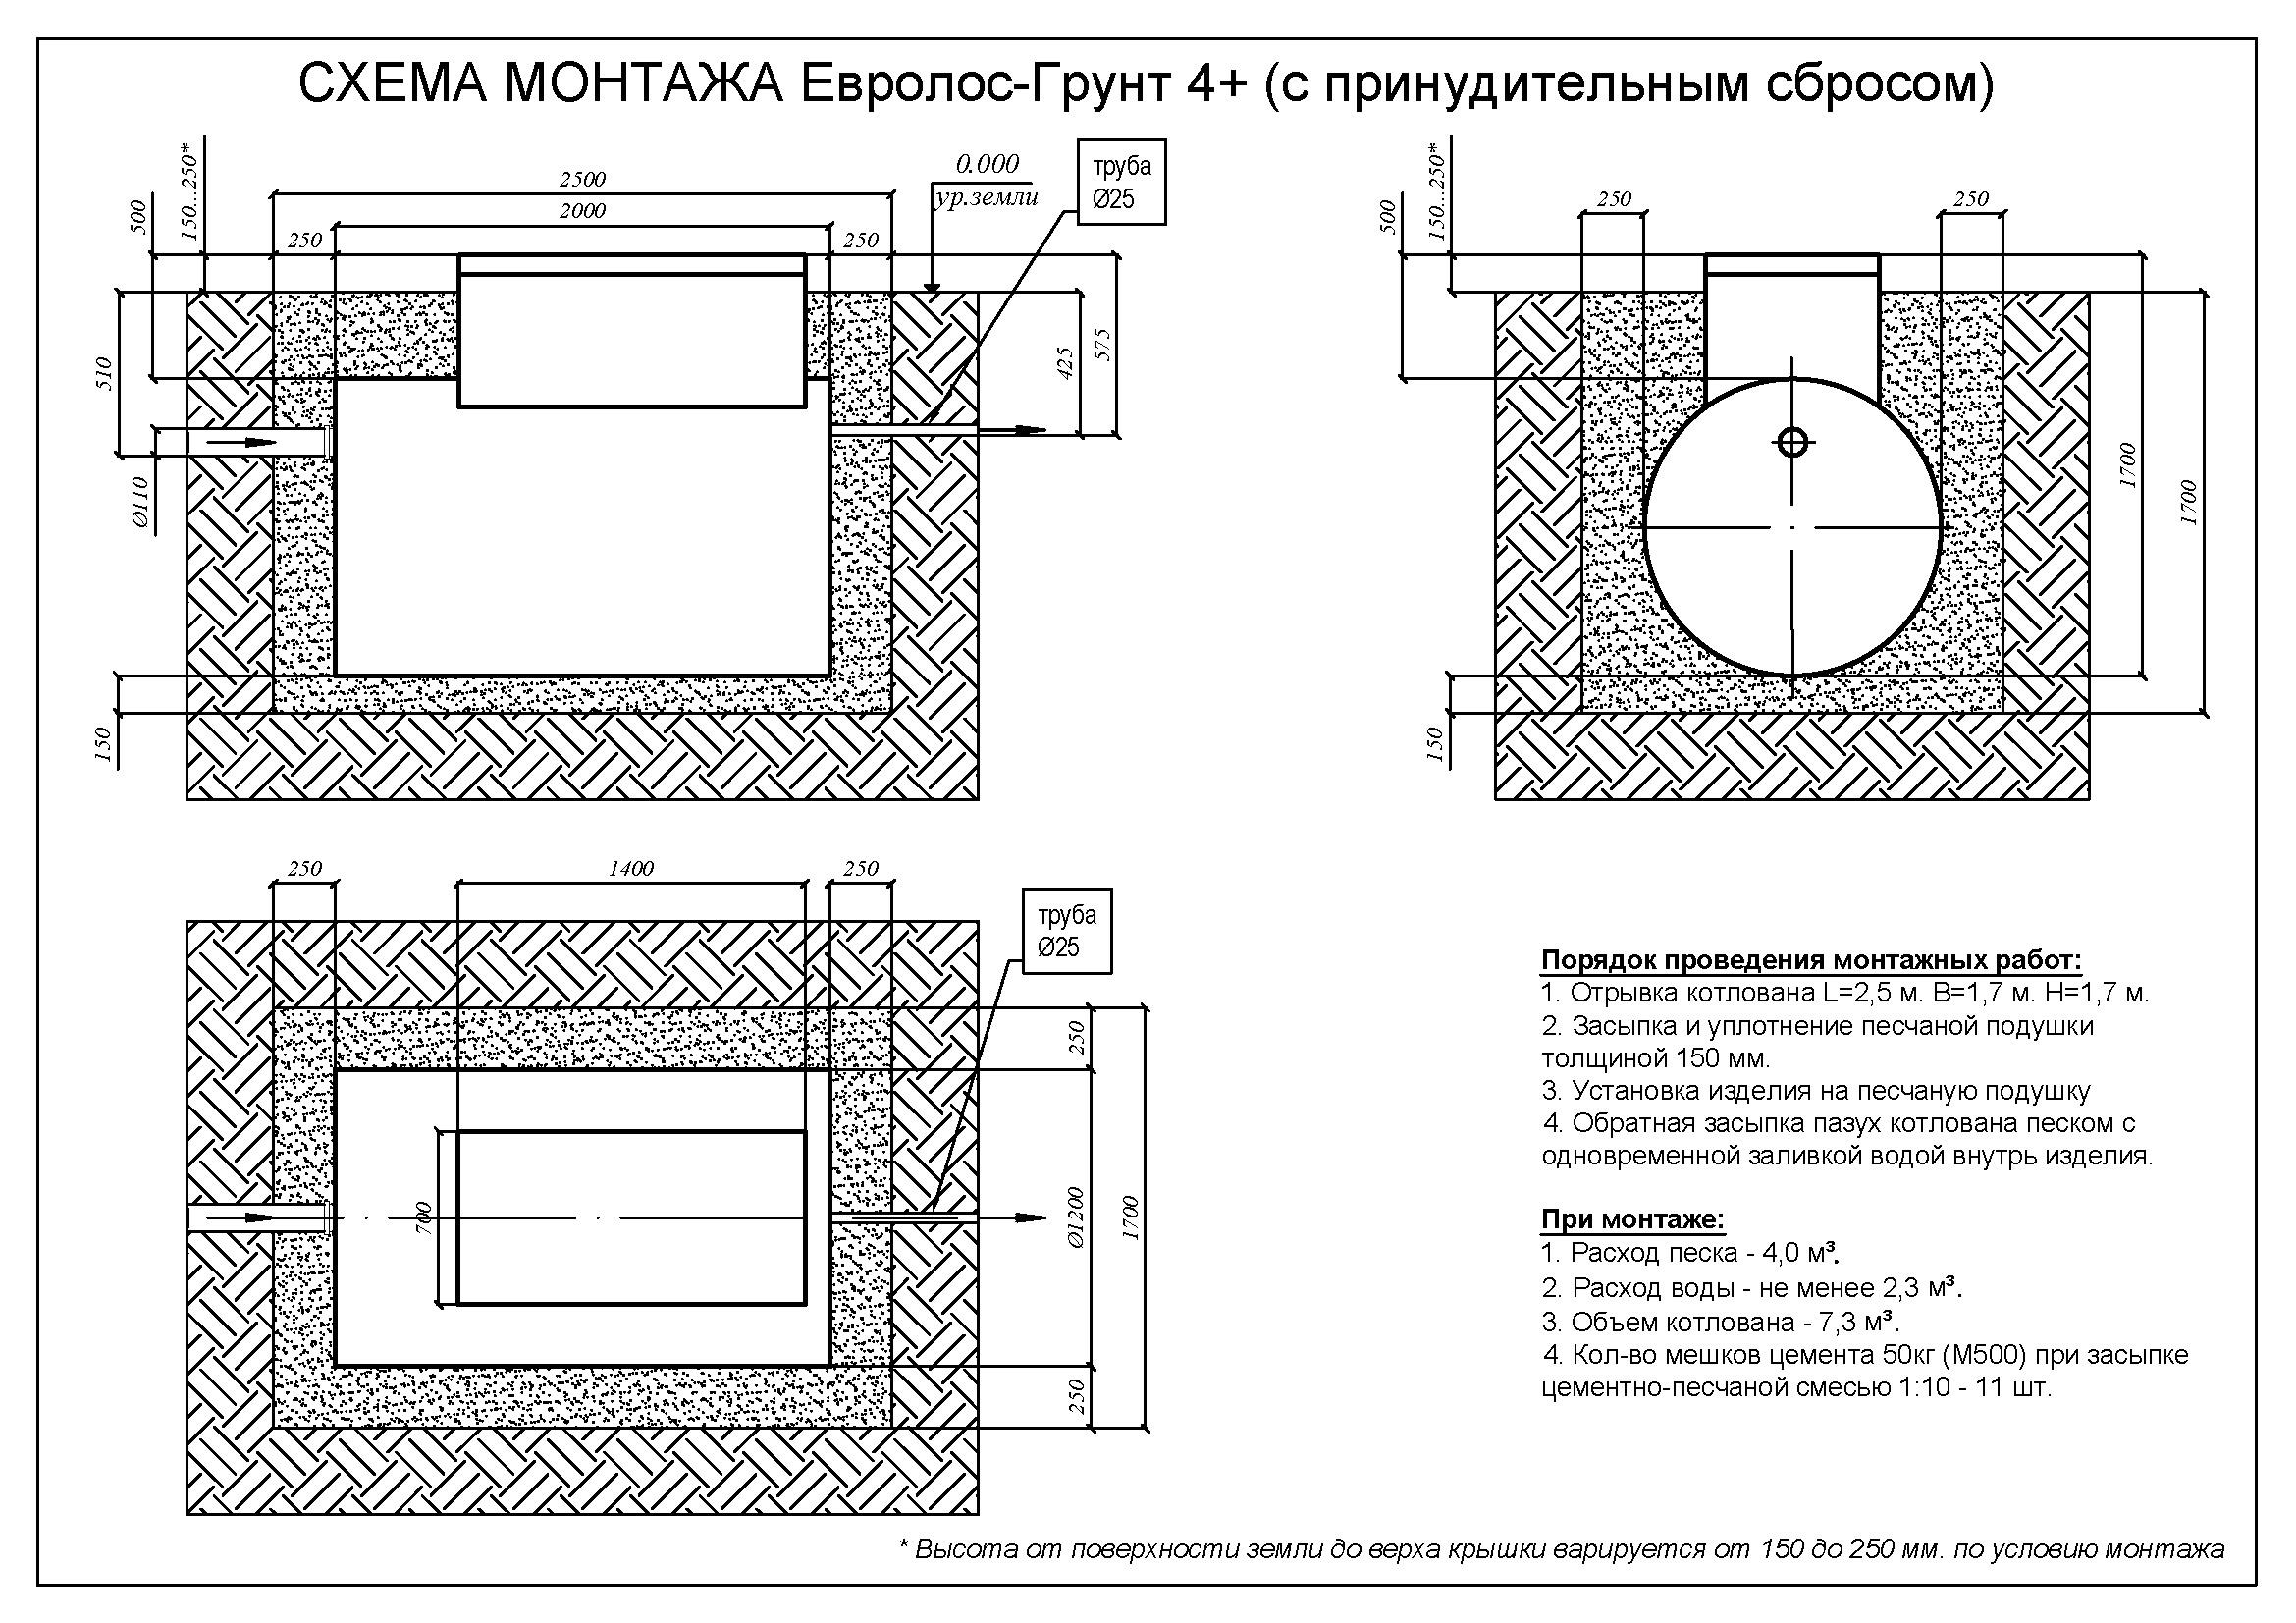 Монтажные схемы Евролос Грунт_Страница_04